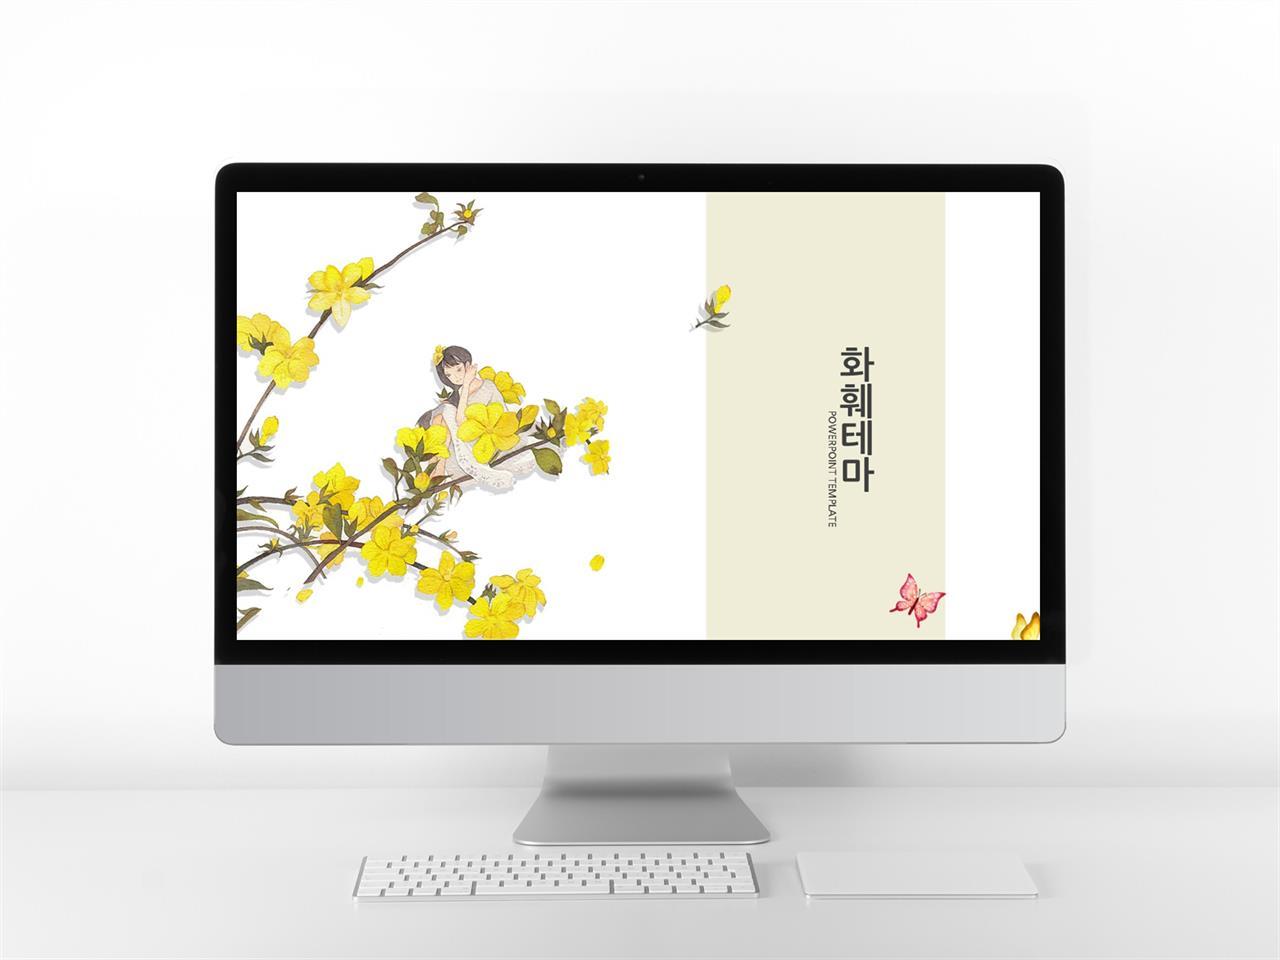 플라워, 동물주제 황색 예쁜 발표용 파워포인트템플릿 다운 미리보기